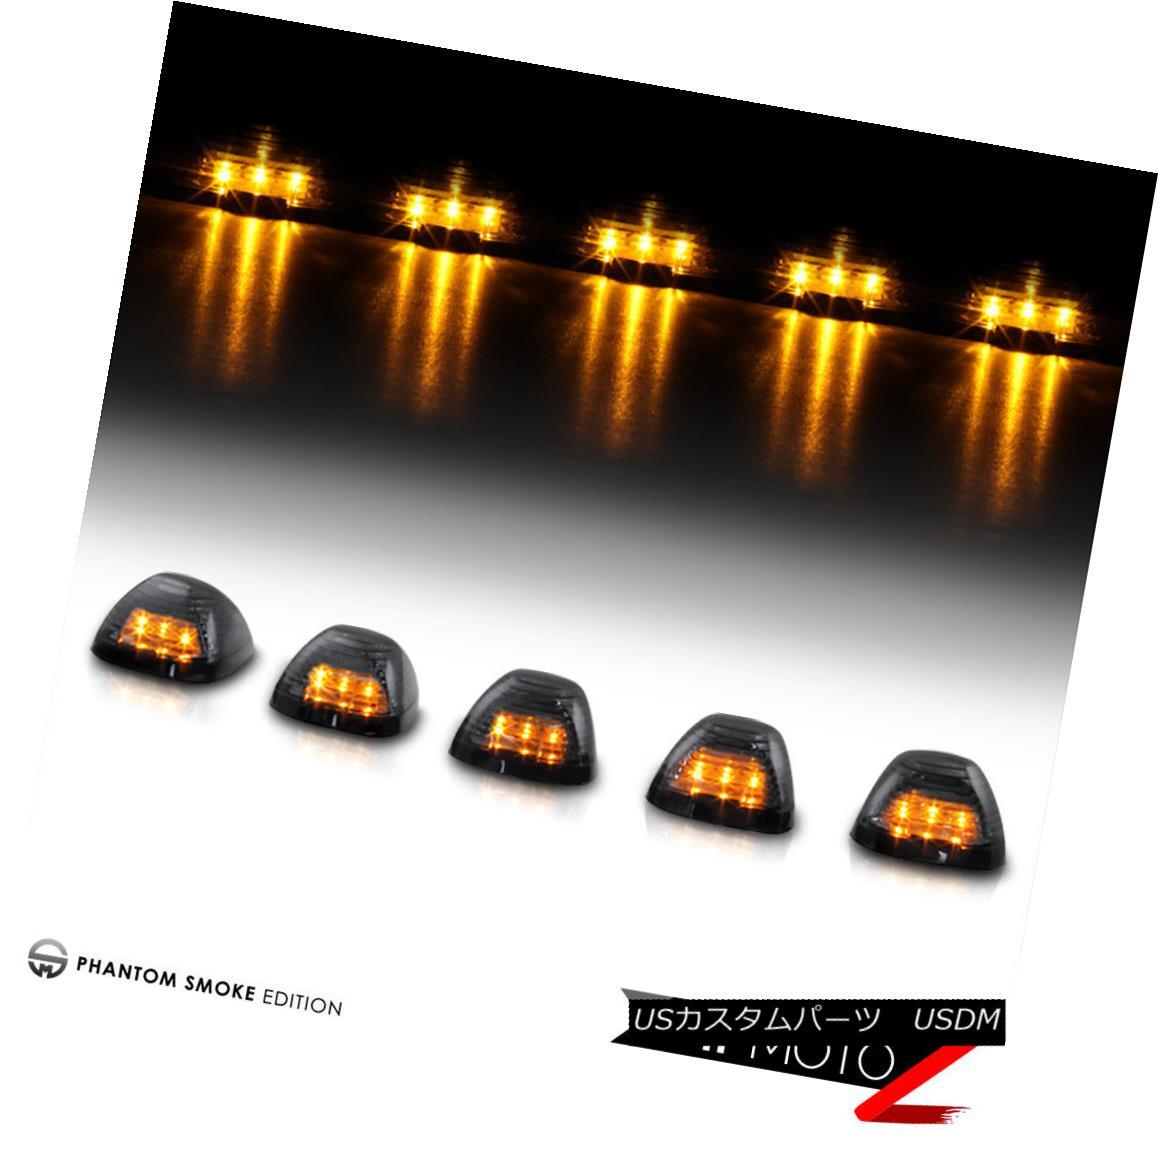 テールライト 99-16 F250 F350 F450 SuperDuty Truck Roof Top Amber LED Safety Tow Lights Wiring 99-16 F250 F350 F450 SuperDutyトラックルーフトップアンバーLED安全牽引ライト